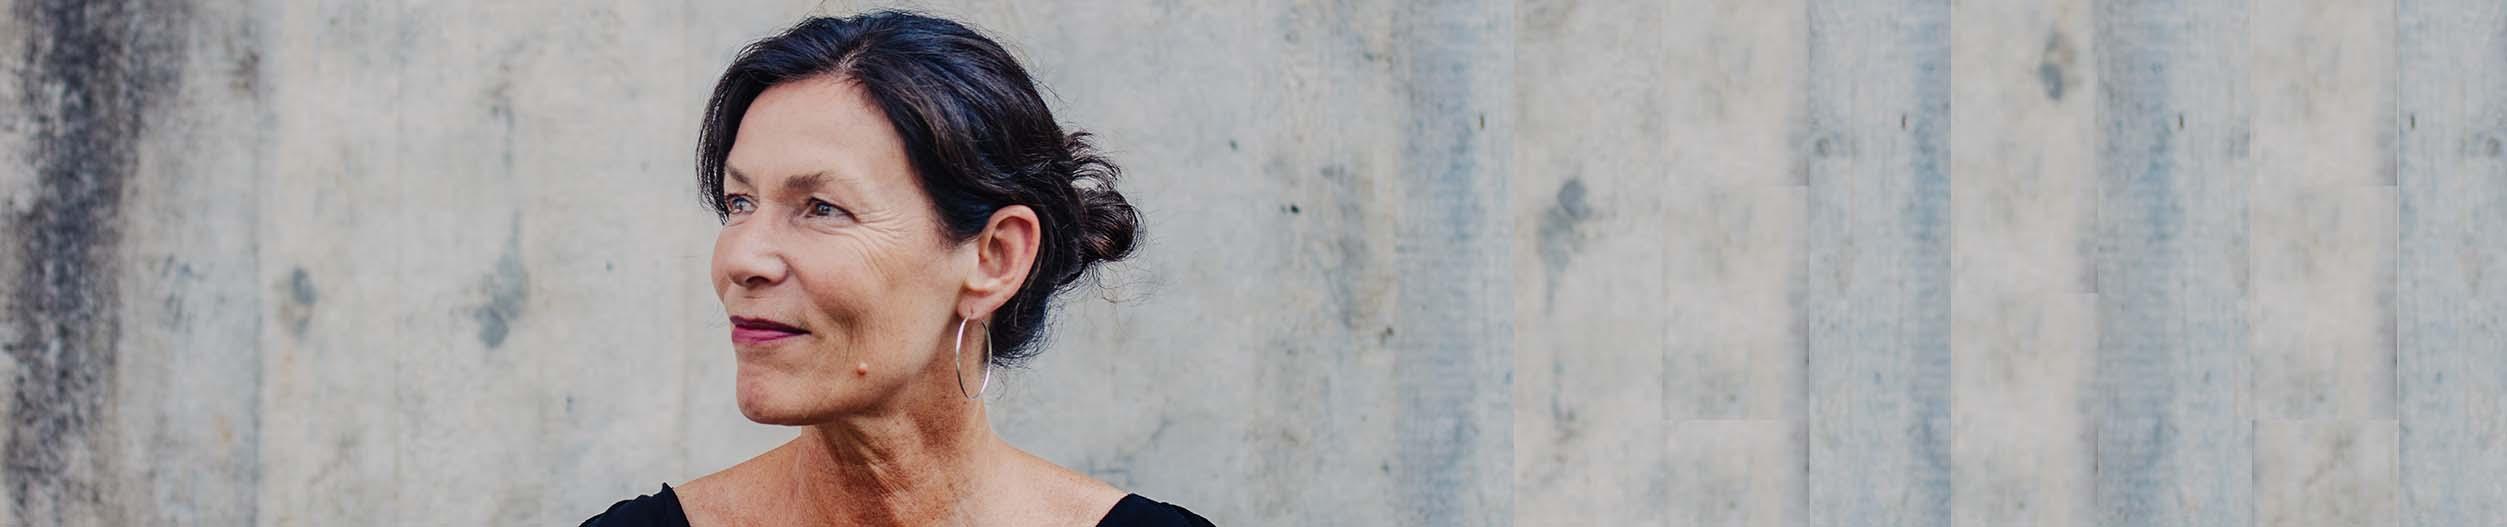 webagentur-mw - hier sieht man eine Portraitaufnahme von monica wenczel vor einer betonwand